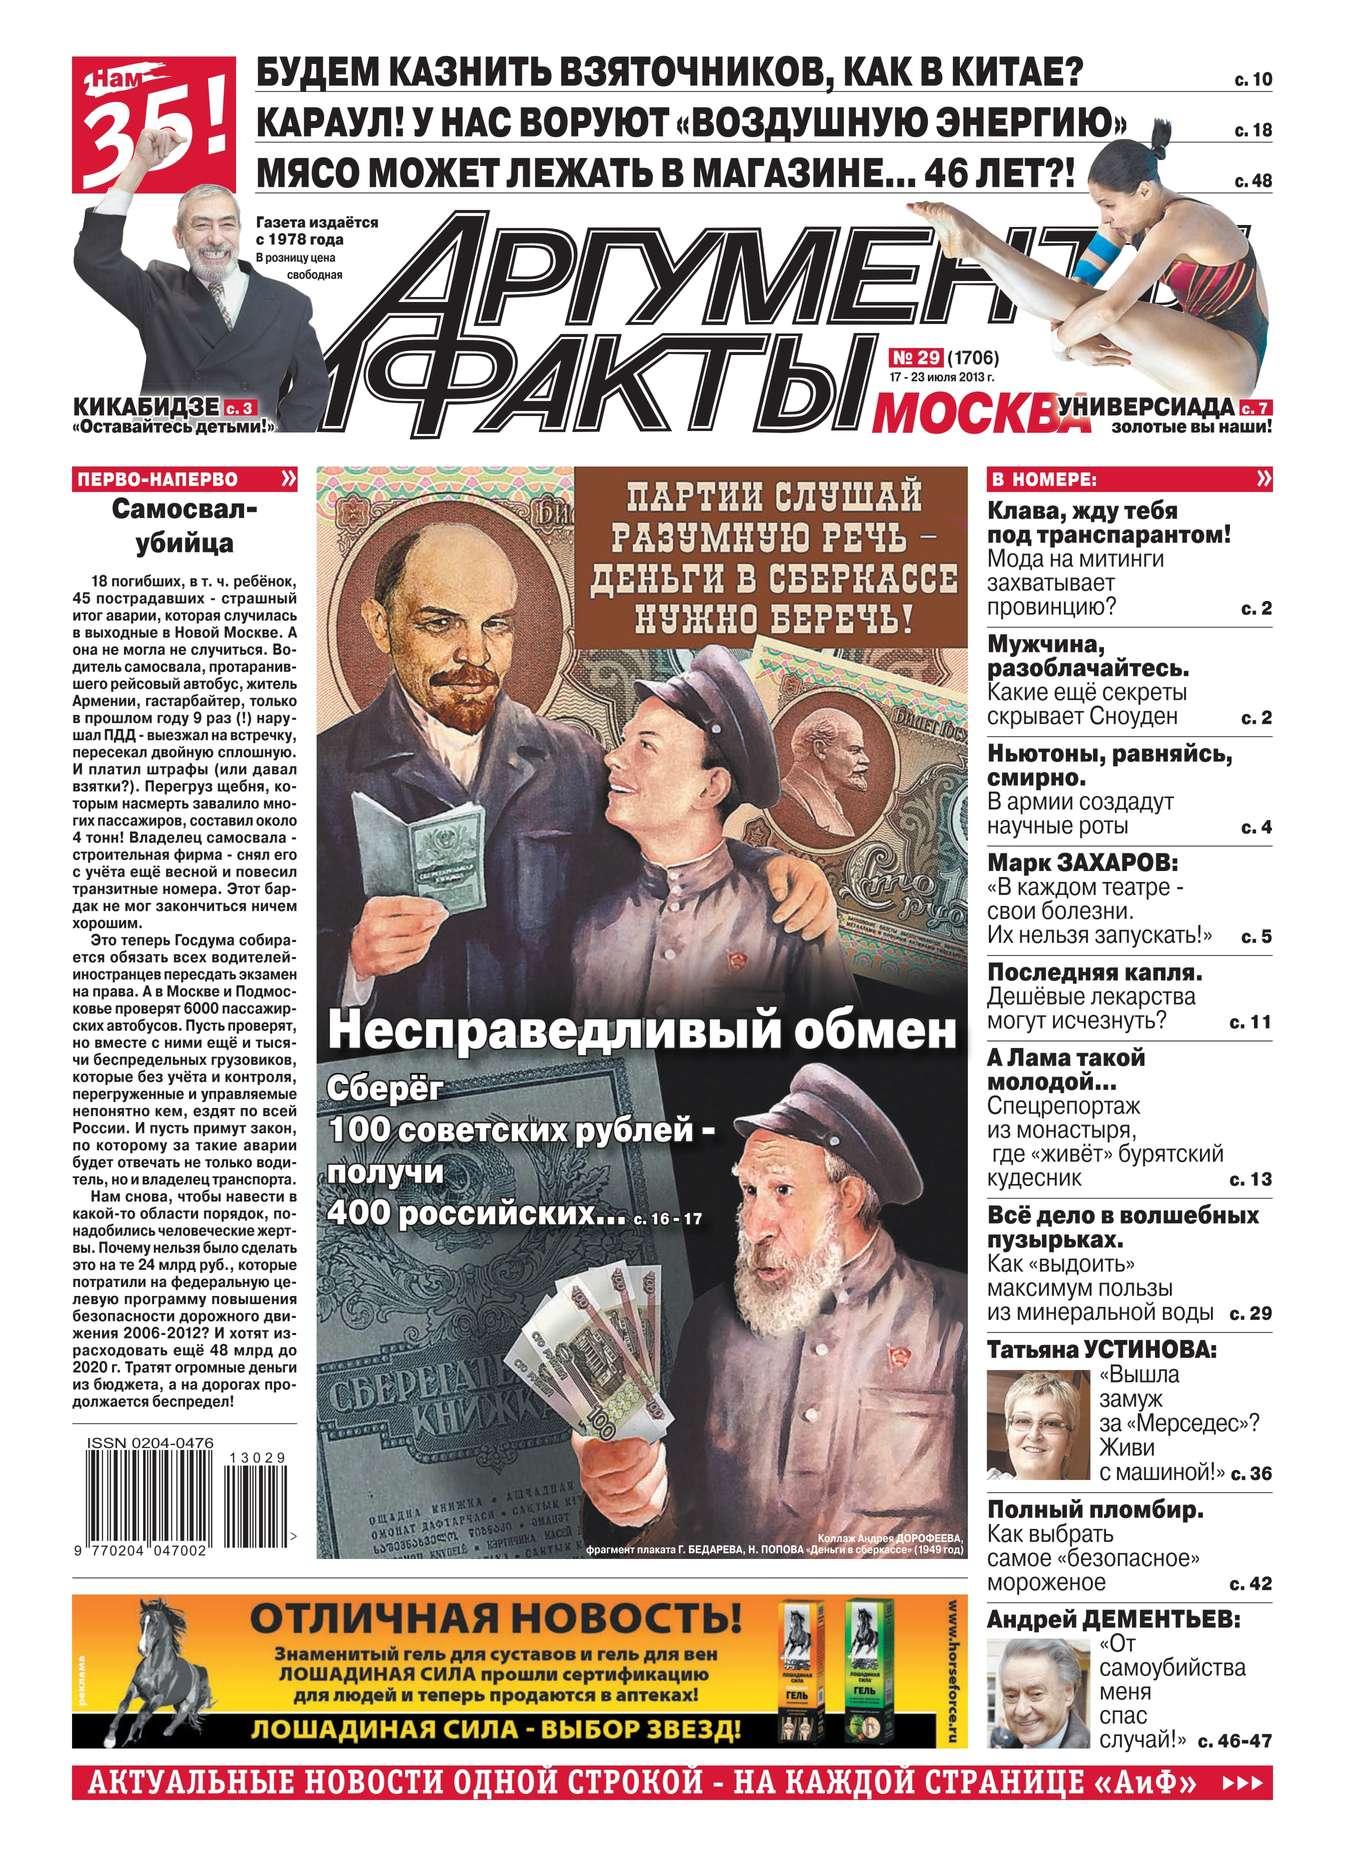 Редакция журнала Аиф. Про Кухню Аргументы и факты 29-2013